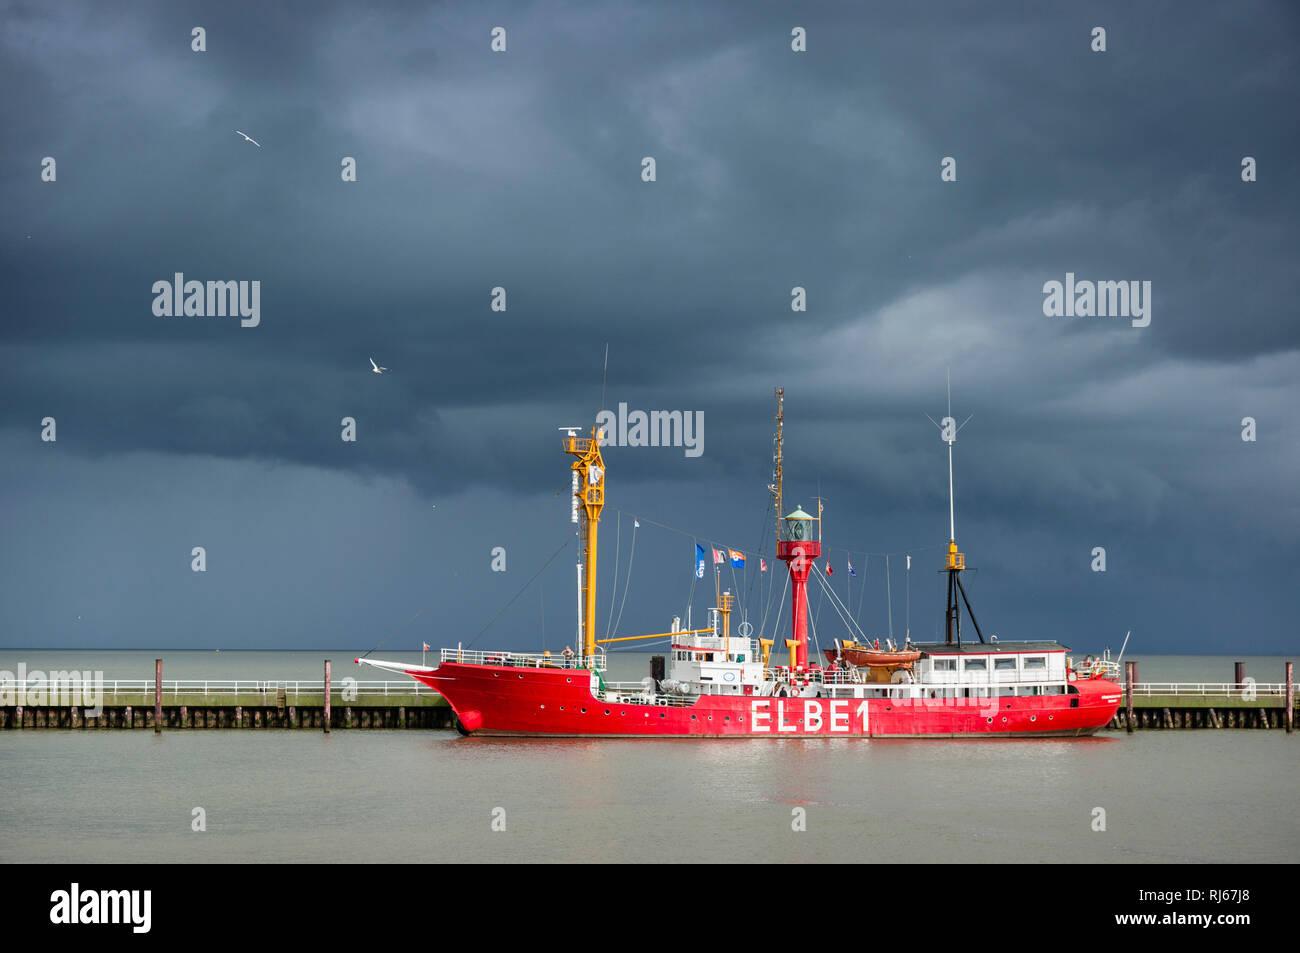 """Europa, Deutschland, Niedersachsen, Cuxhaven, Hafen, das ehemalige Feuerschiff """"ELBE 1"""" an der Alten Liebe vor einer Gewitterfront auf der Elbe, Stockbild"""